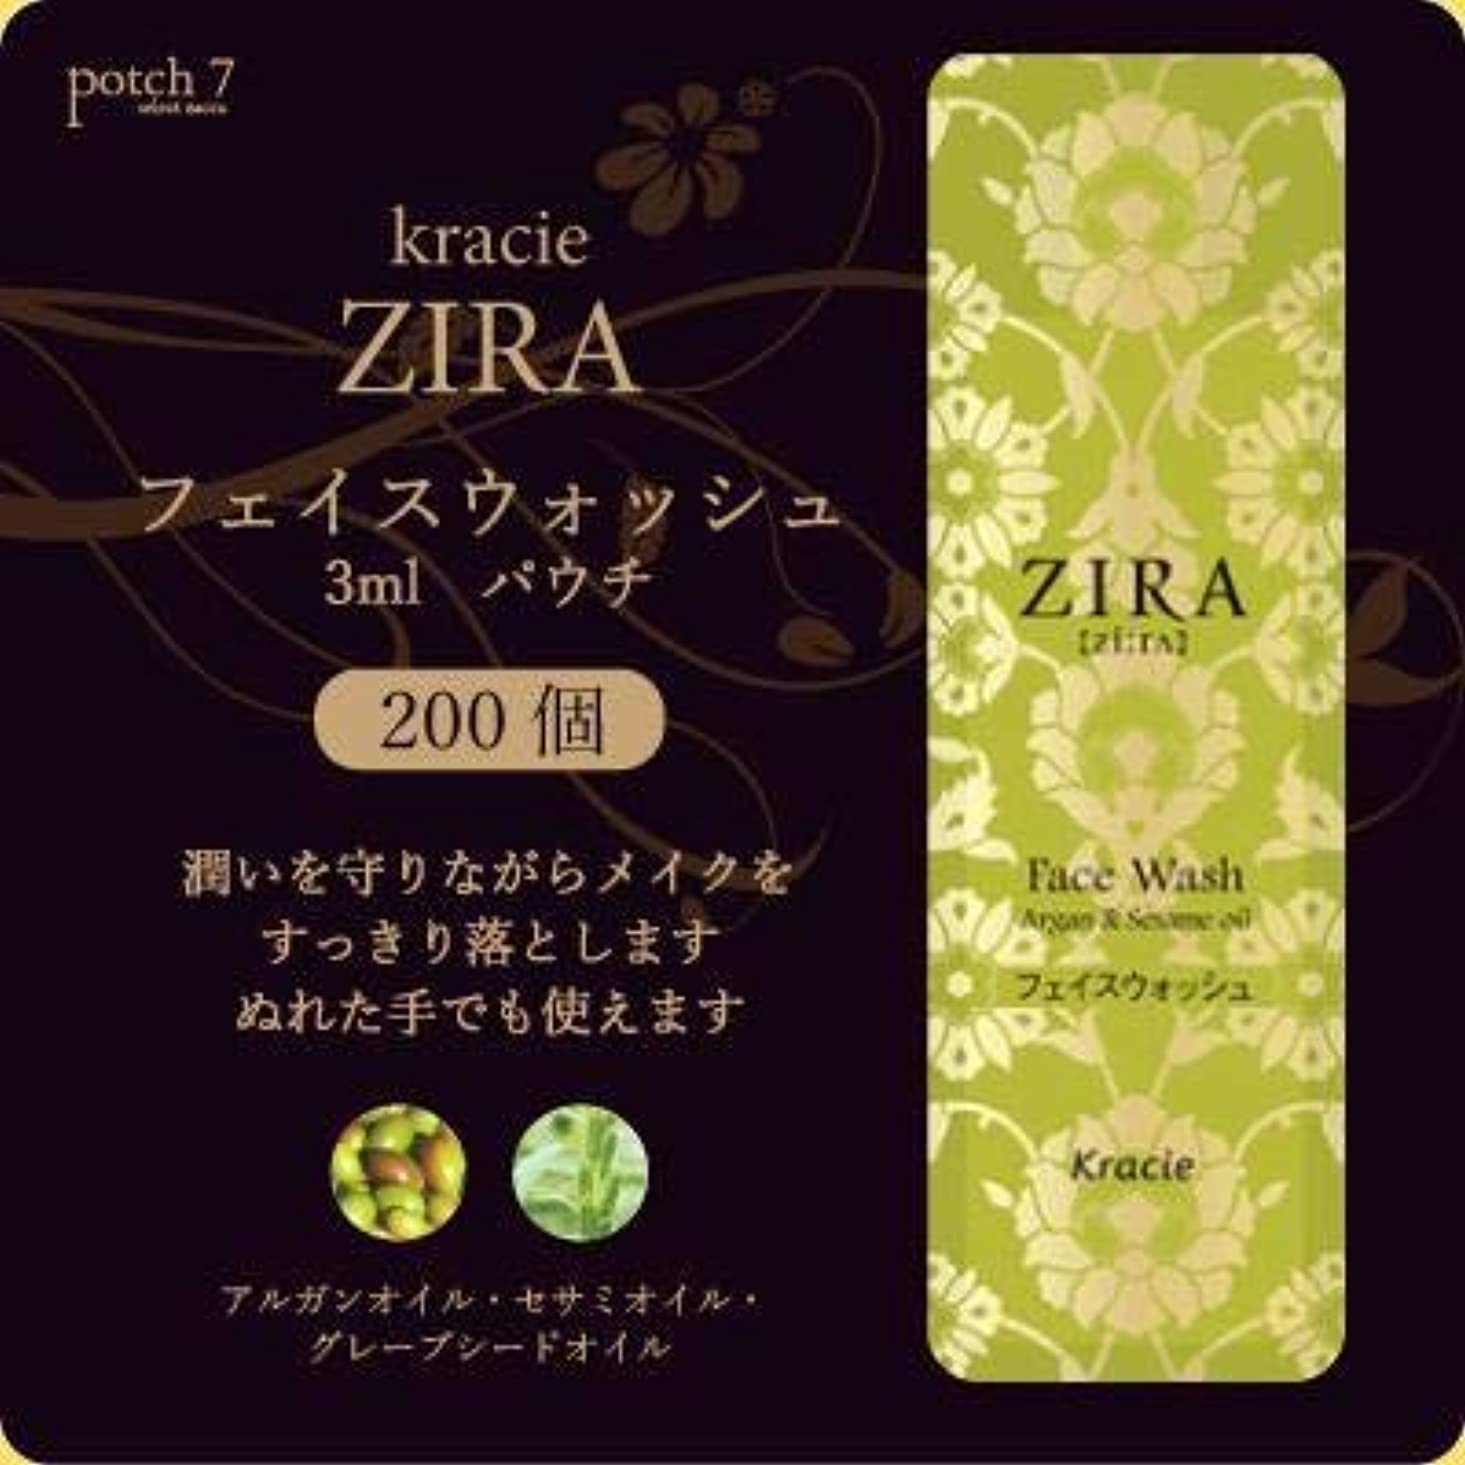 自慢ショット潜在的なKracie クラシエ ZIRA ジーラ フェイスウオッシュ 洗顔 パウチ 3ml 200個入